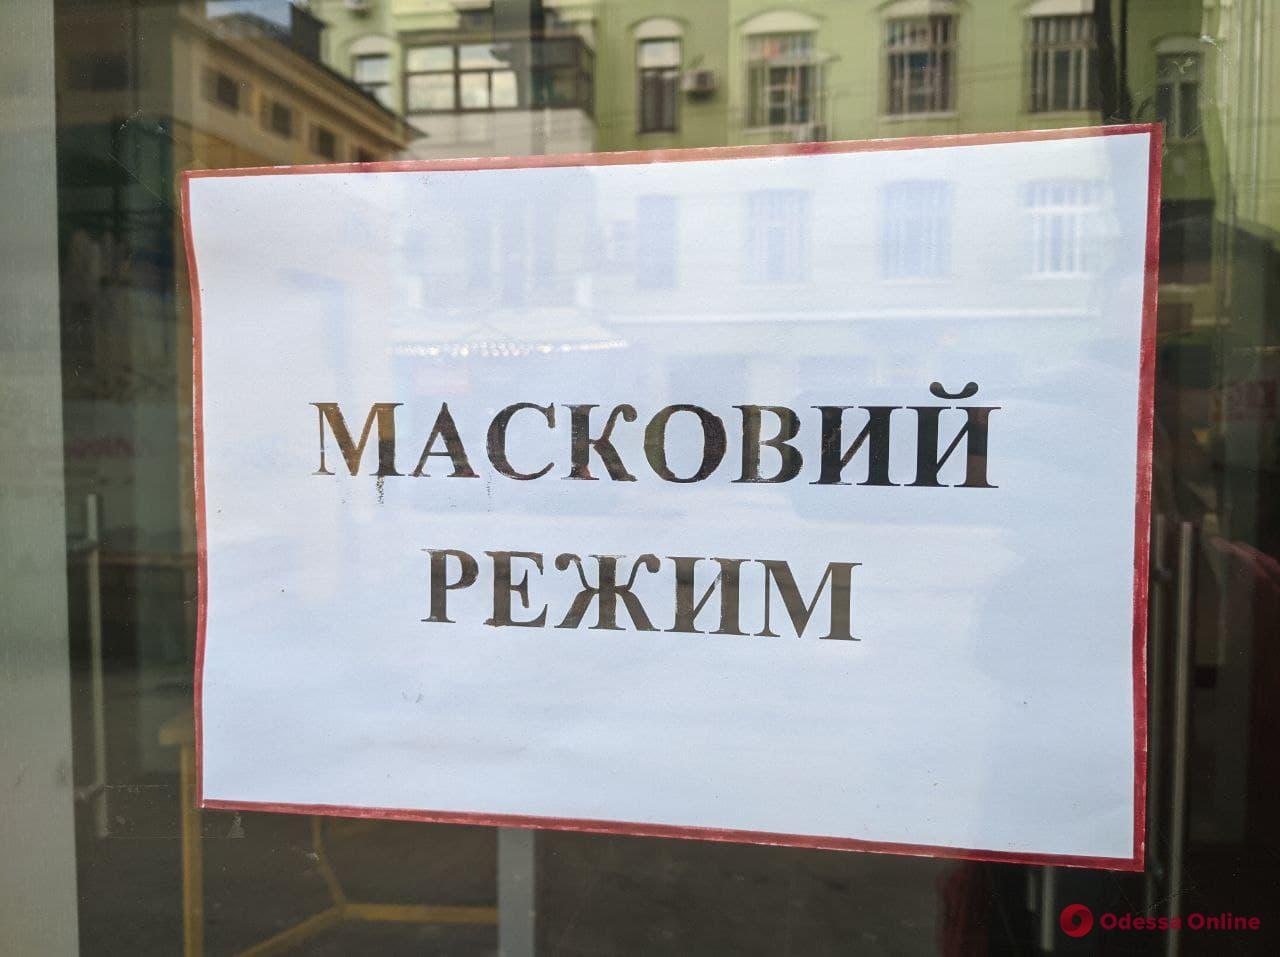 Одесская и Тернопольская области не соответствуют «зеленой» зоне карантина по одному из показателей — МОЗ